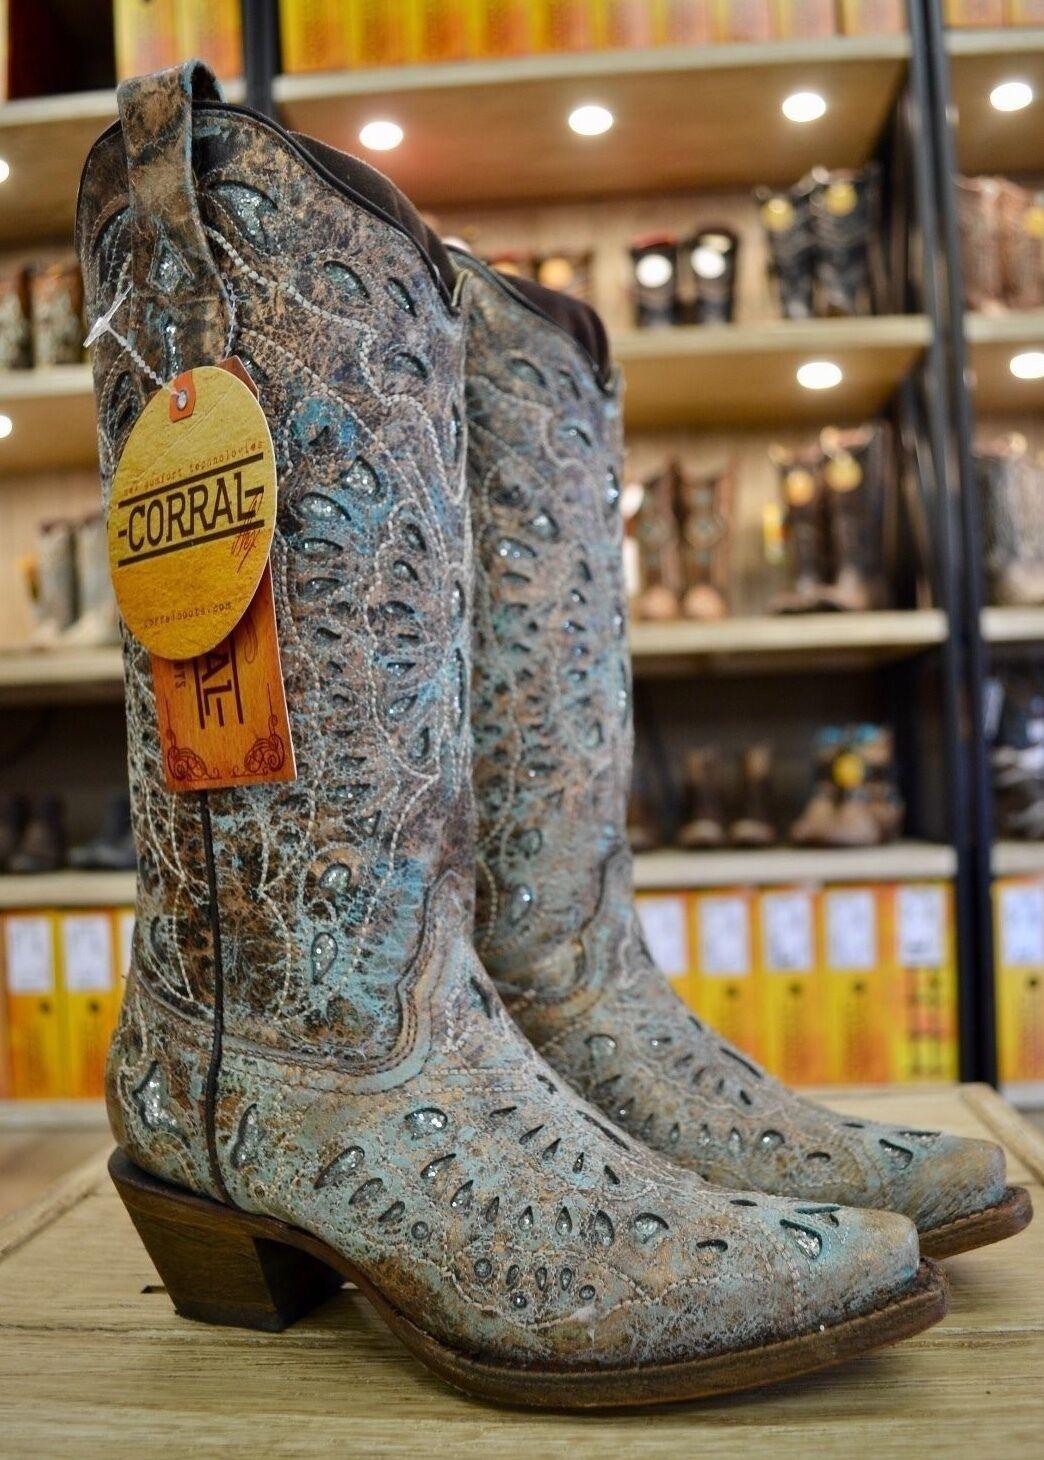 Corral Para Mujer Brillo Metálico Bronce Turquesa Turquesa Turquesa Mariposa Vaquera botas A2970  online al mejor precio